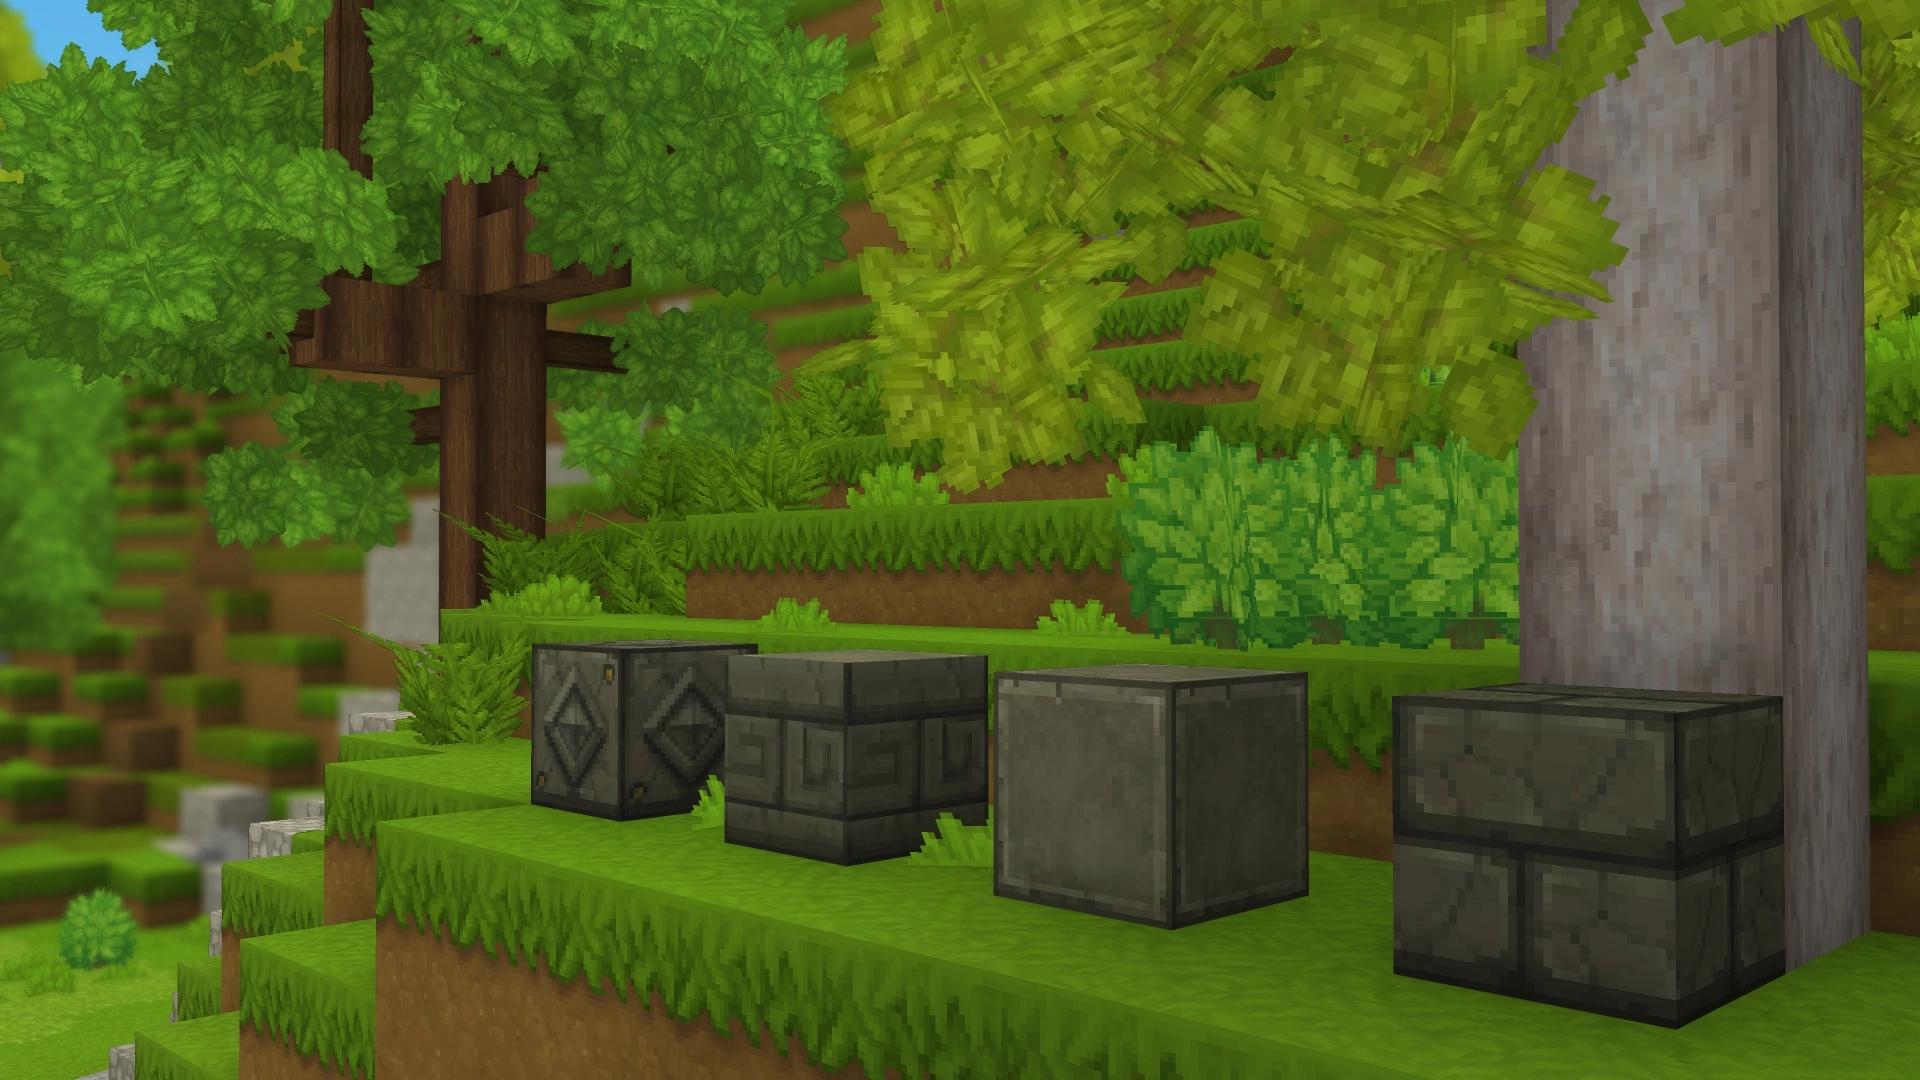 La Construction avec des Blocs variés dans Hytale !